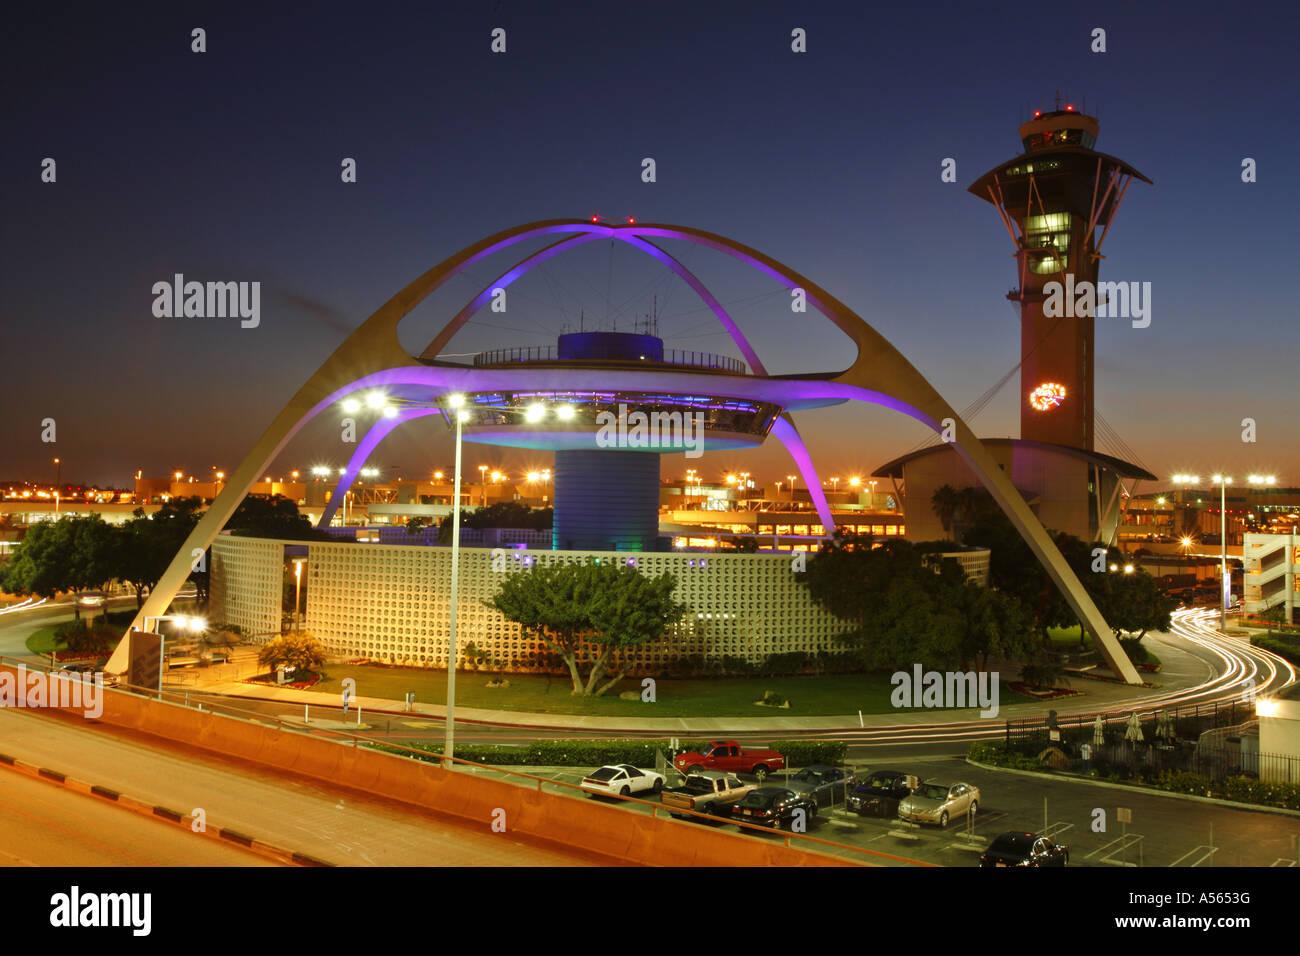 sites de rencontres Los Angeles Area